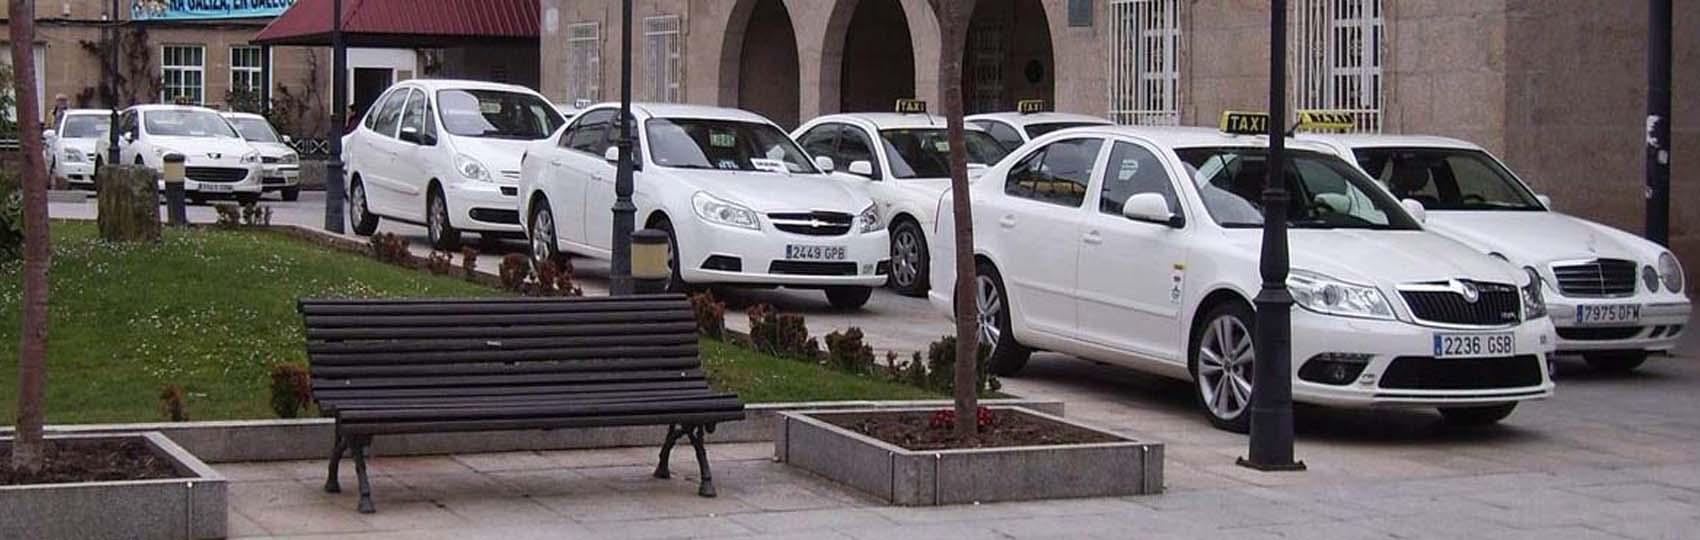 Noticias del sector del taxi y la movilidad en Ourense. Mantente informado de todas las noticias del taxi de Ourense en el grupo de Facebook de Todo Taxi.